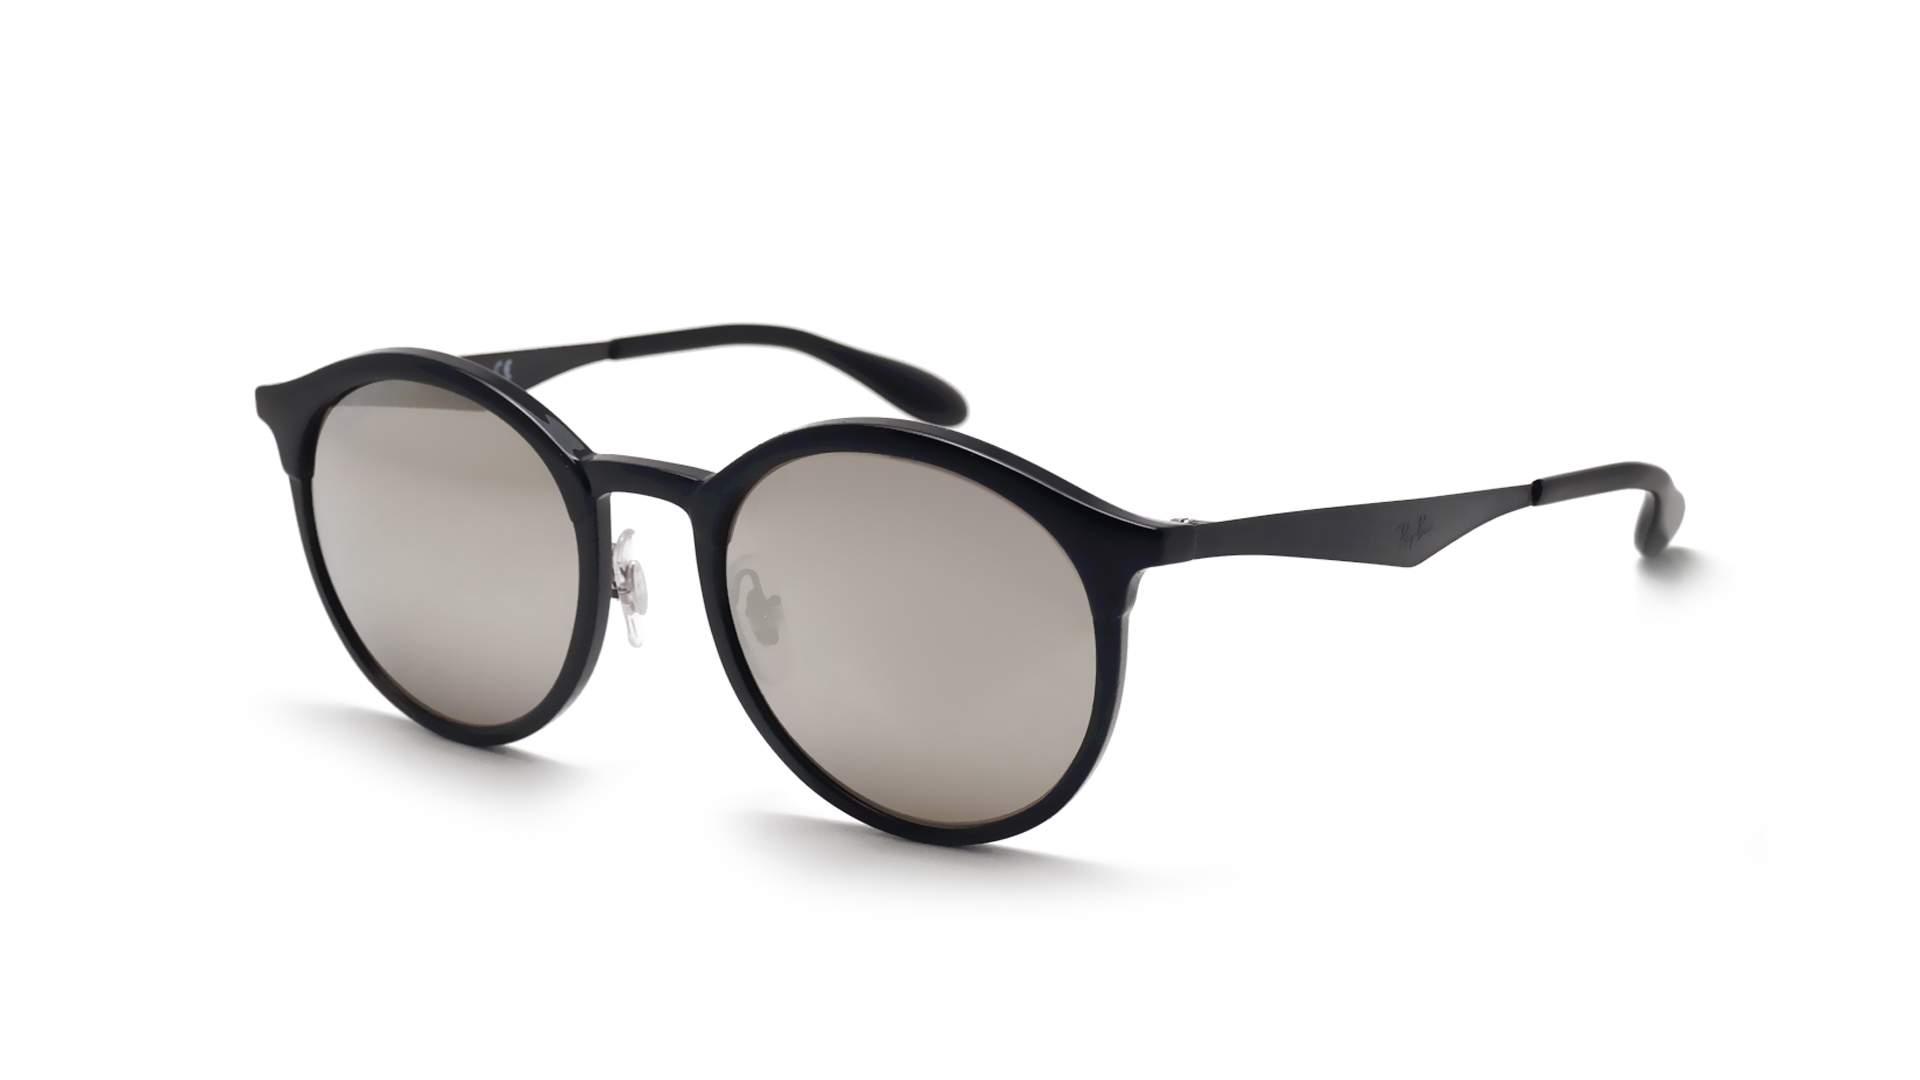 67506de564 Sunglasses Ray-Ban Emma Black RB4277 601 5A 51-21 Medium Mirror